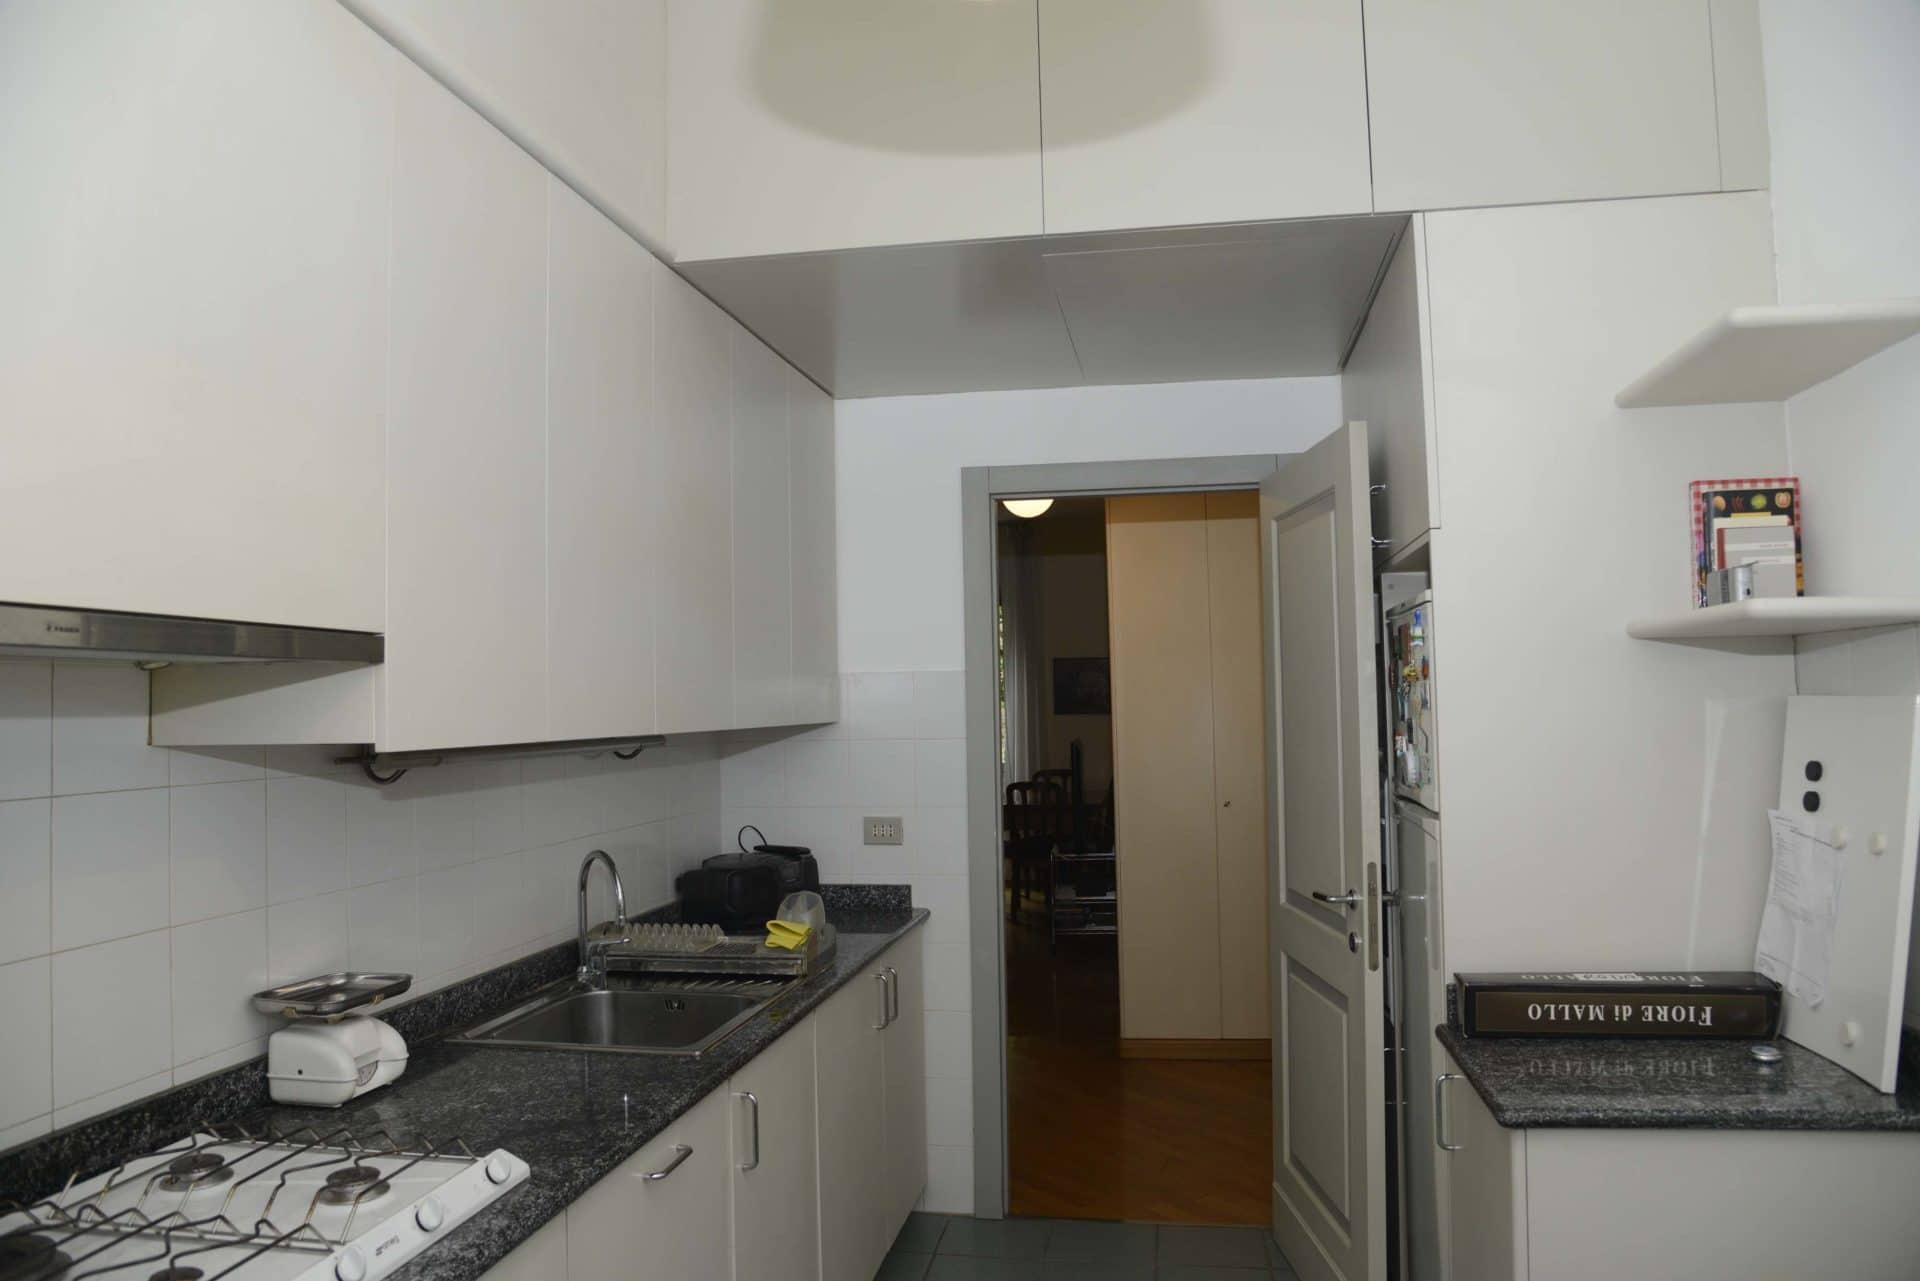 Appartamento per vacanze a Milano, Le stanze di Alice, cucina